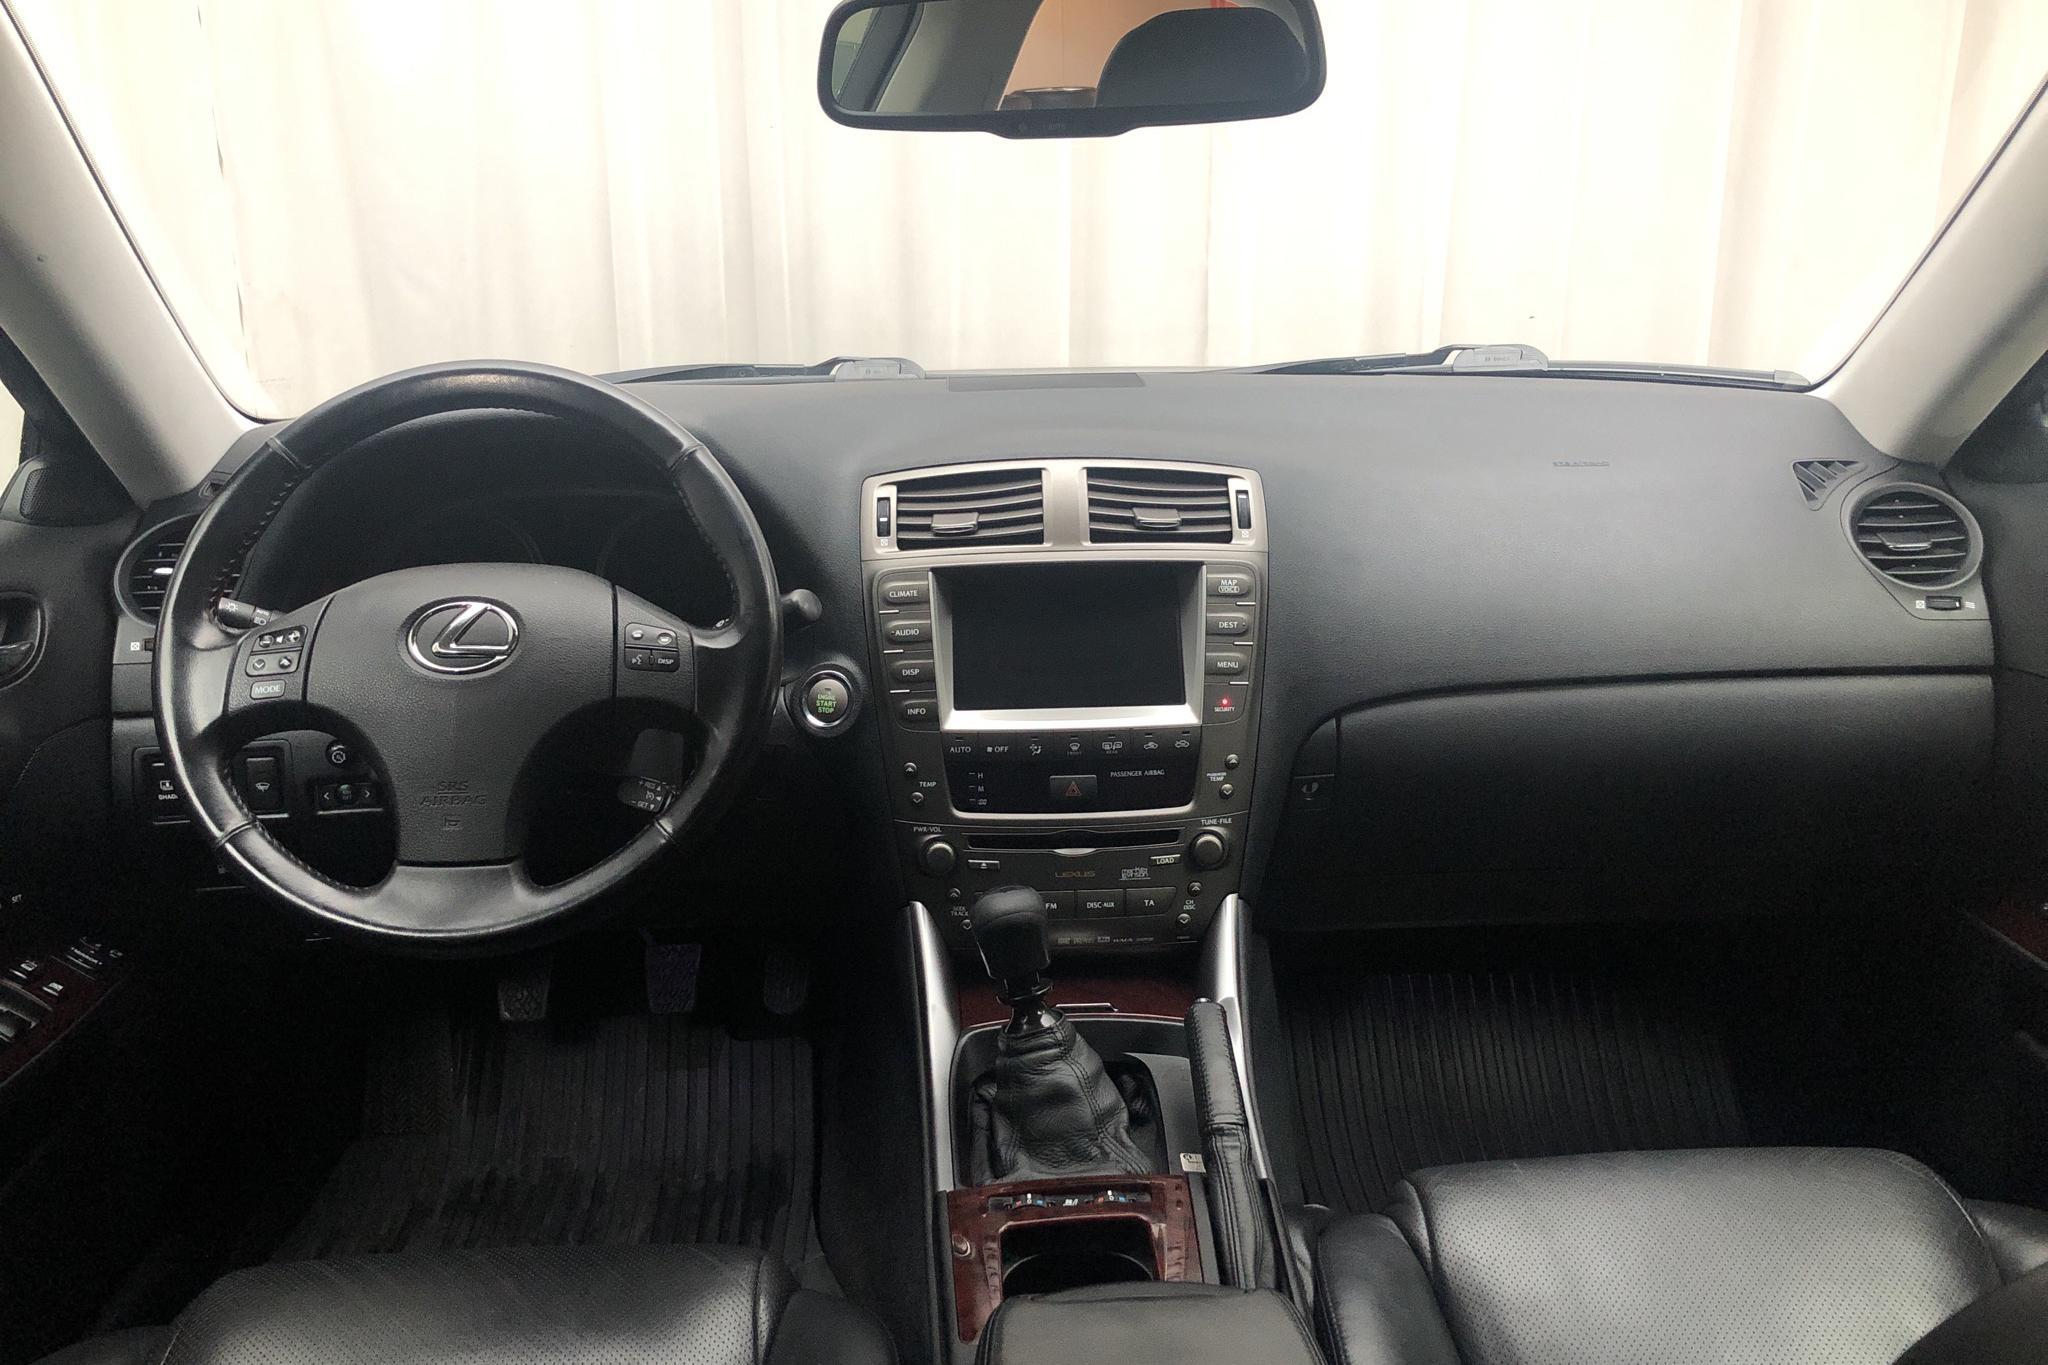 Lexus IS 220d (177hk) - 180 890 km - Manual - Dark Blue - 2008